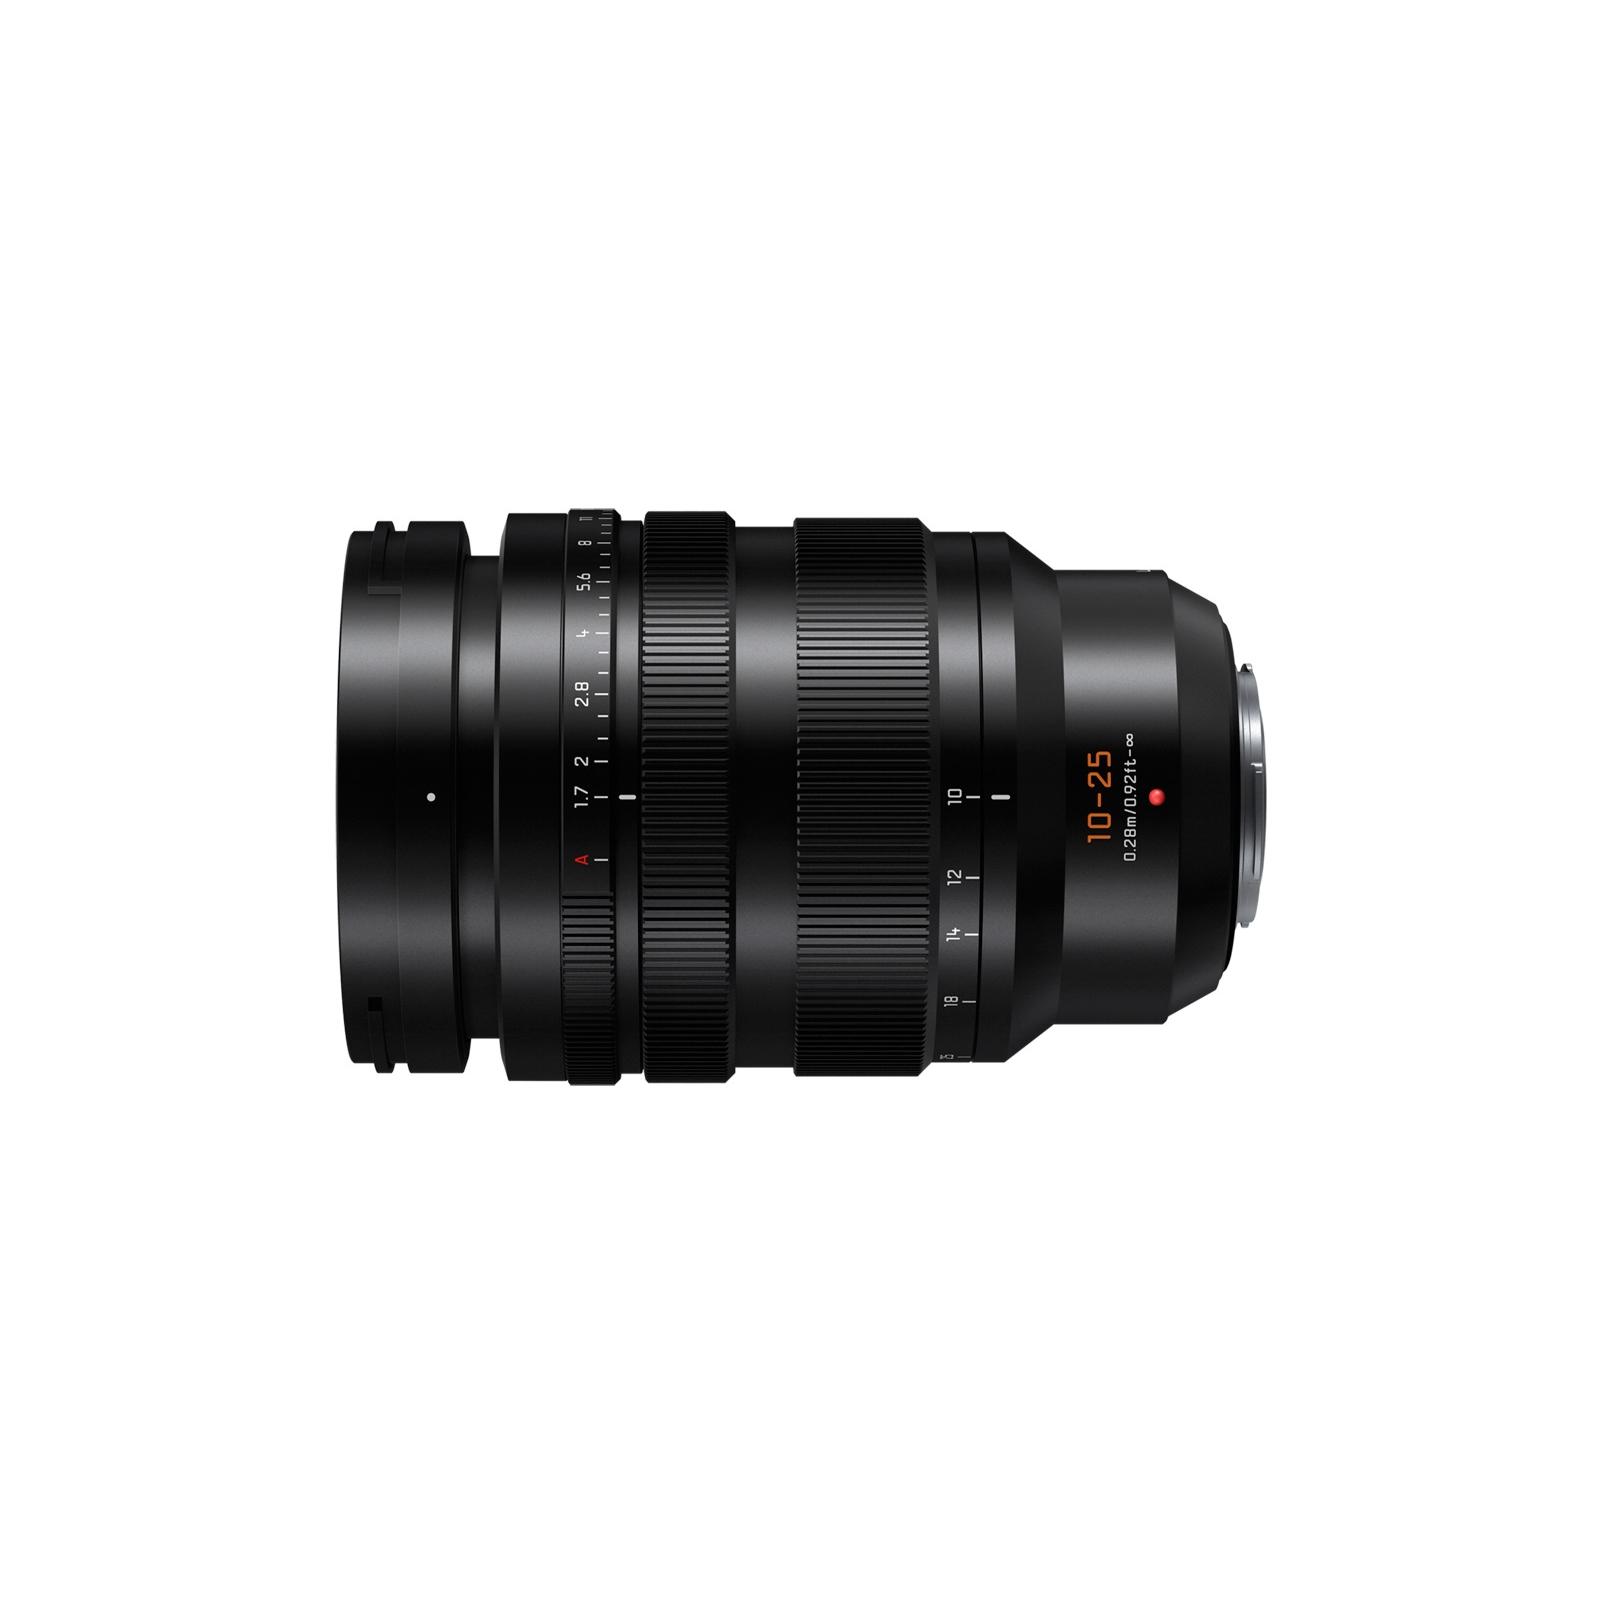 Объектив Panasonic Micro 4/3 Lens 10-25mm f/1.7 ASPH.Lumix G (H-X1025E) изображение 3